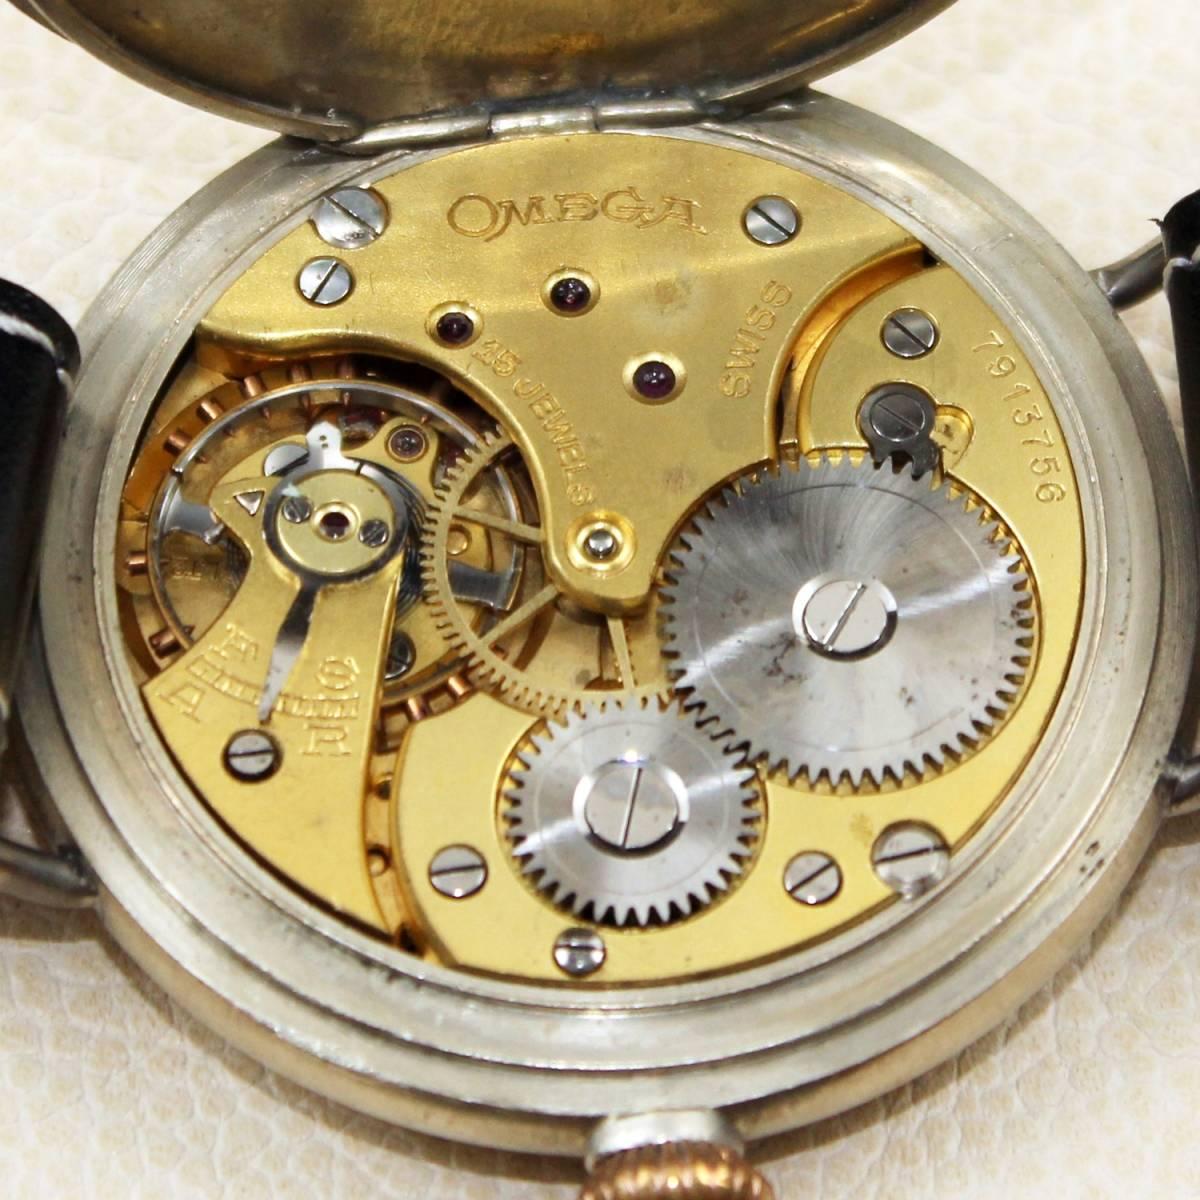 1円スタート【オメガ】OMEGAミリタリー WAFFEN ELITE M-B アンティーク手巻きメンズ腕時計 1930年代ヴィンテージ 懐中時計コンバート_画像10